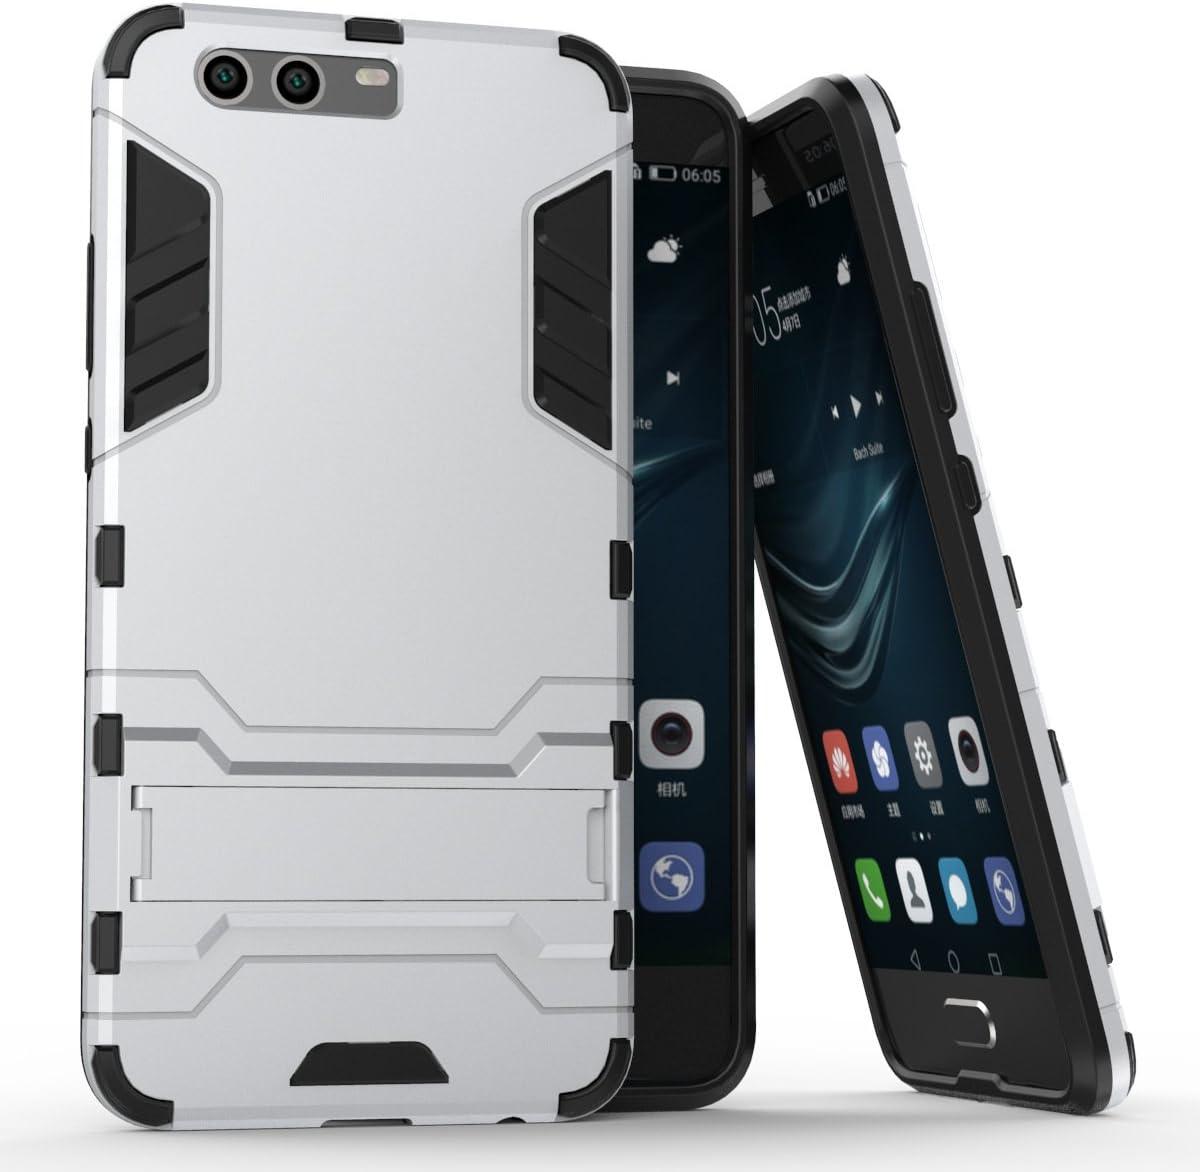 Xiaomi Mi 6 Case, AVIDET Shock Absorption i Anti-scratch PC + TPU Back Cover dla Xiaomi Mi 6 (srebrny)